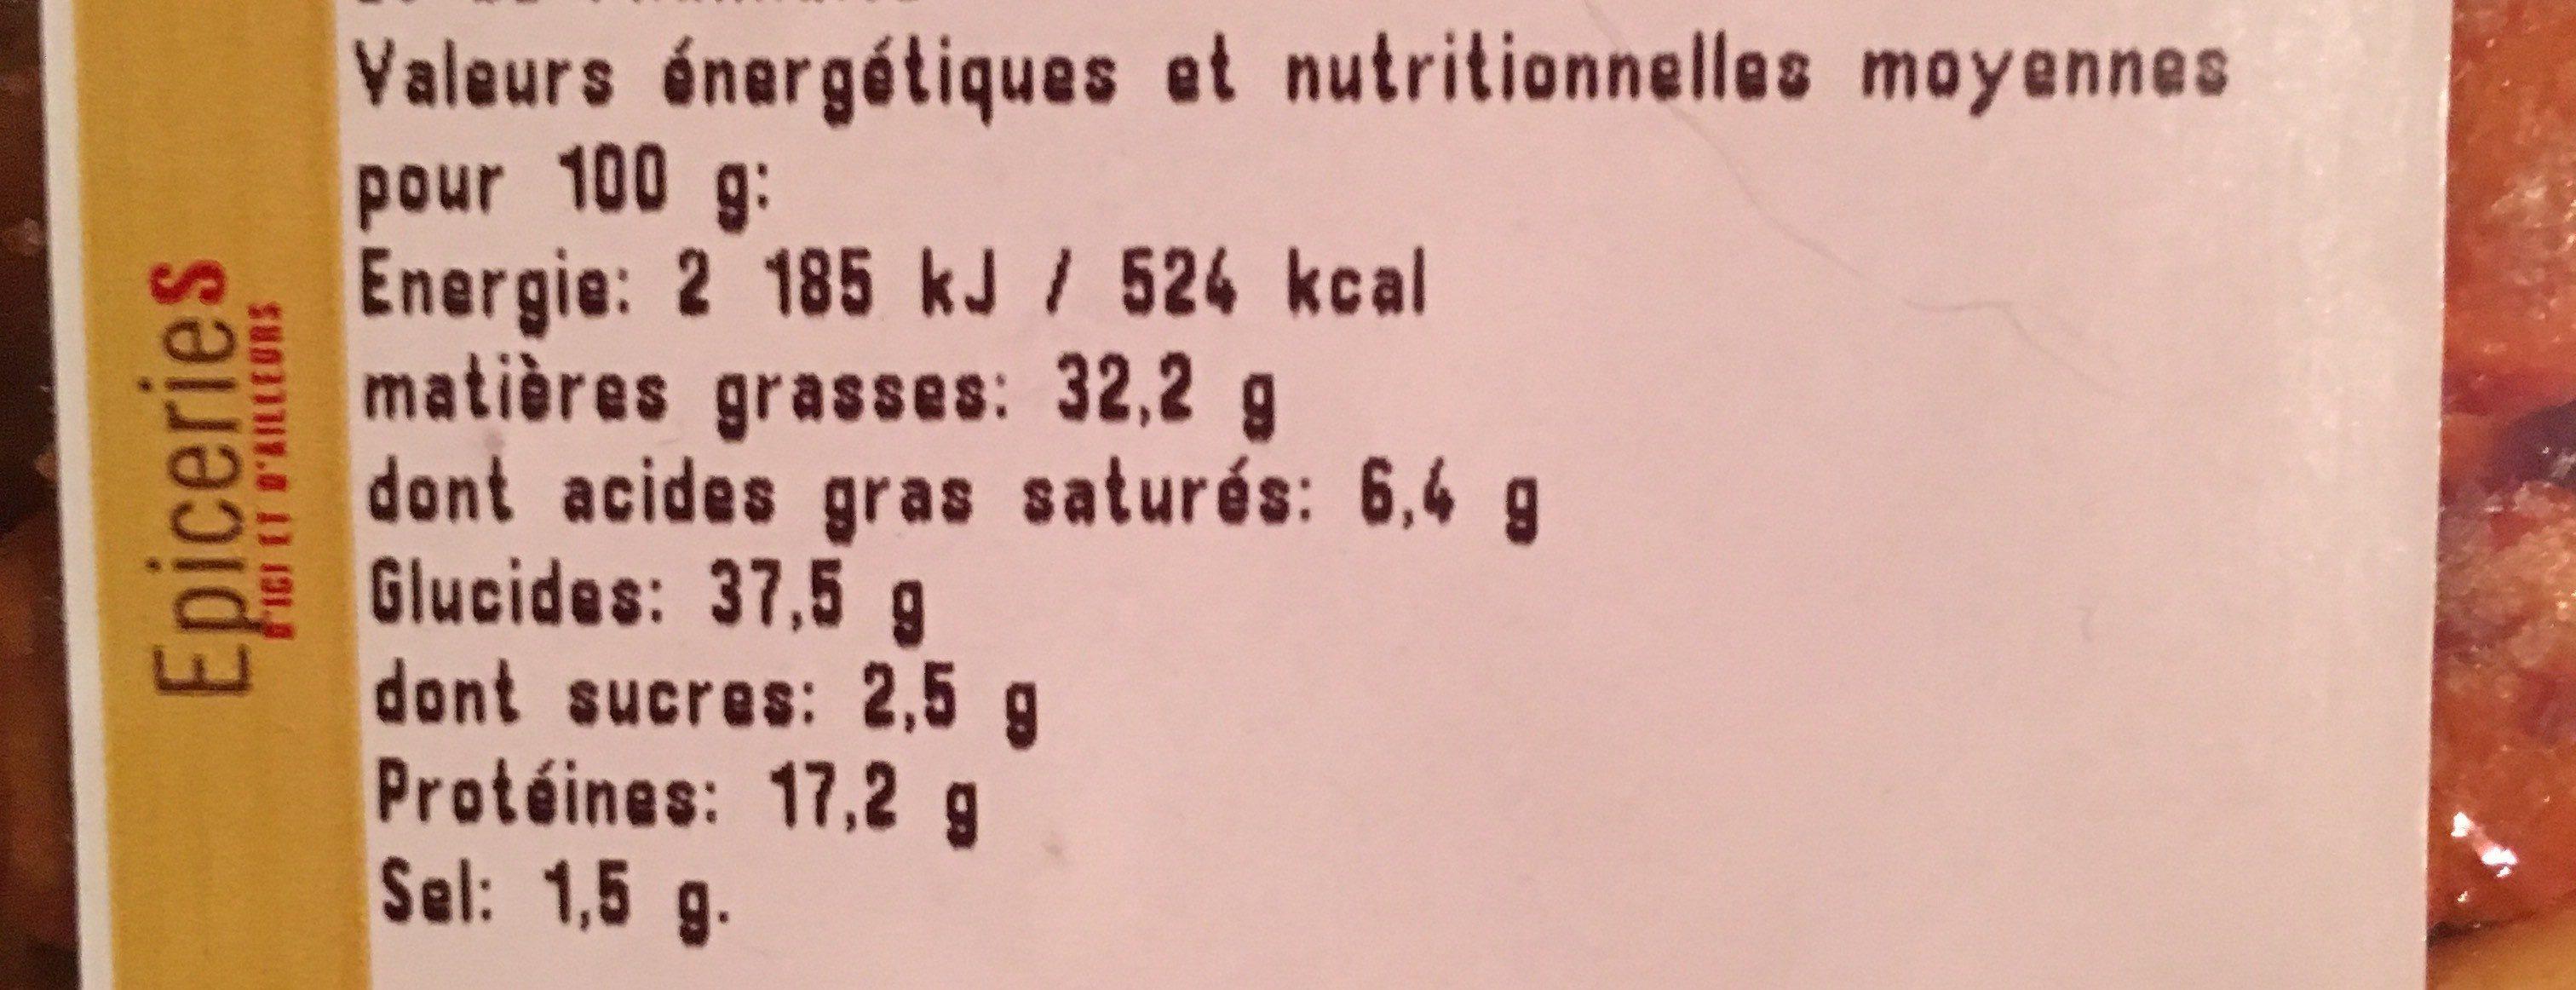 Mélange mexicain - Informations nutritionnelles - fr